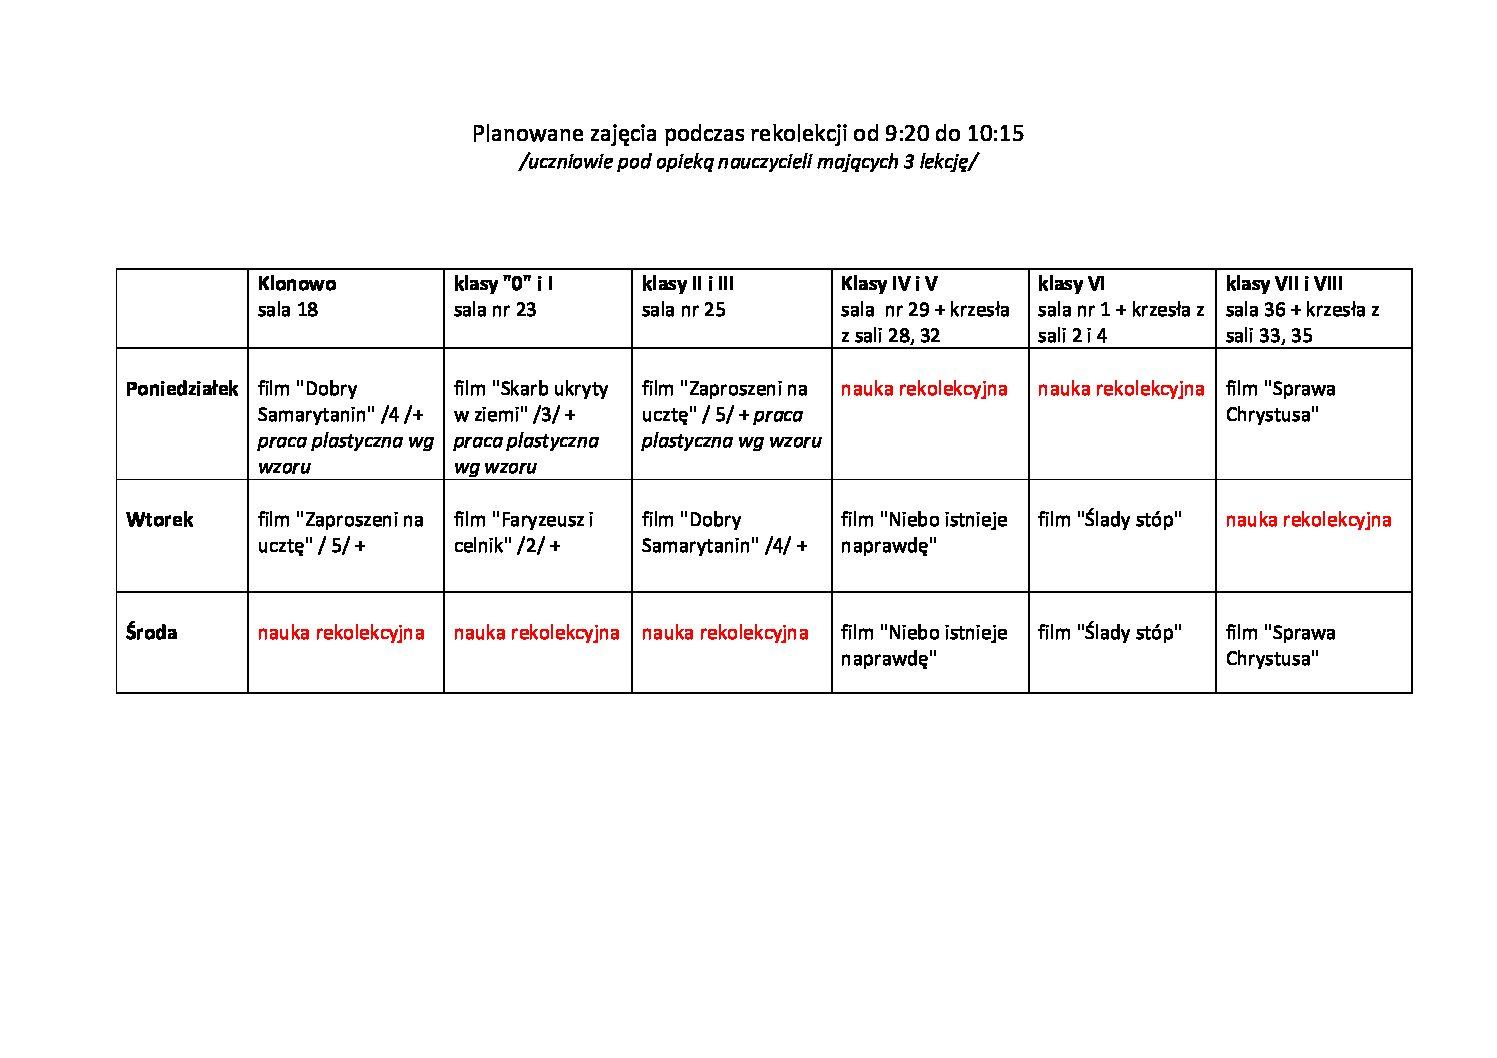 Planowane zajęcia podczas rekolekcji od 9:20 do 10:15